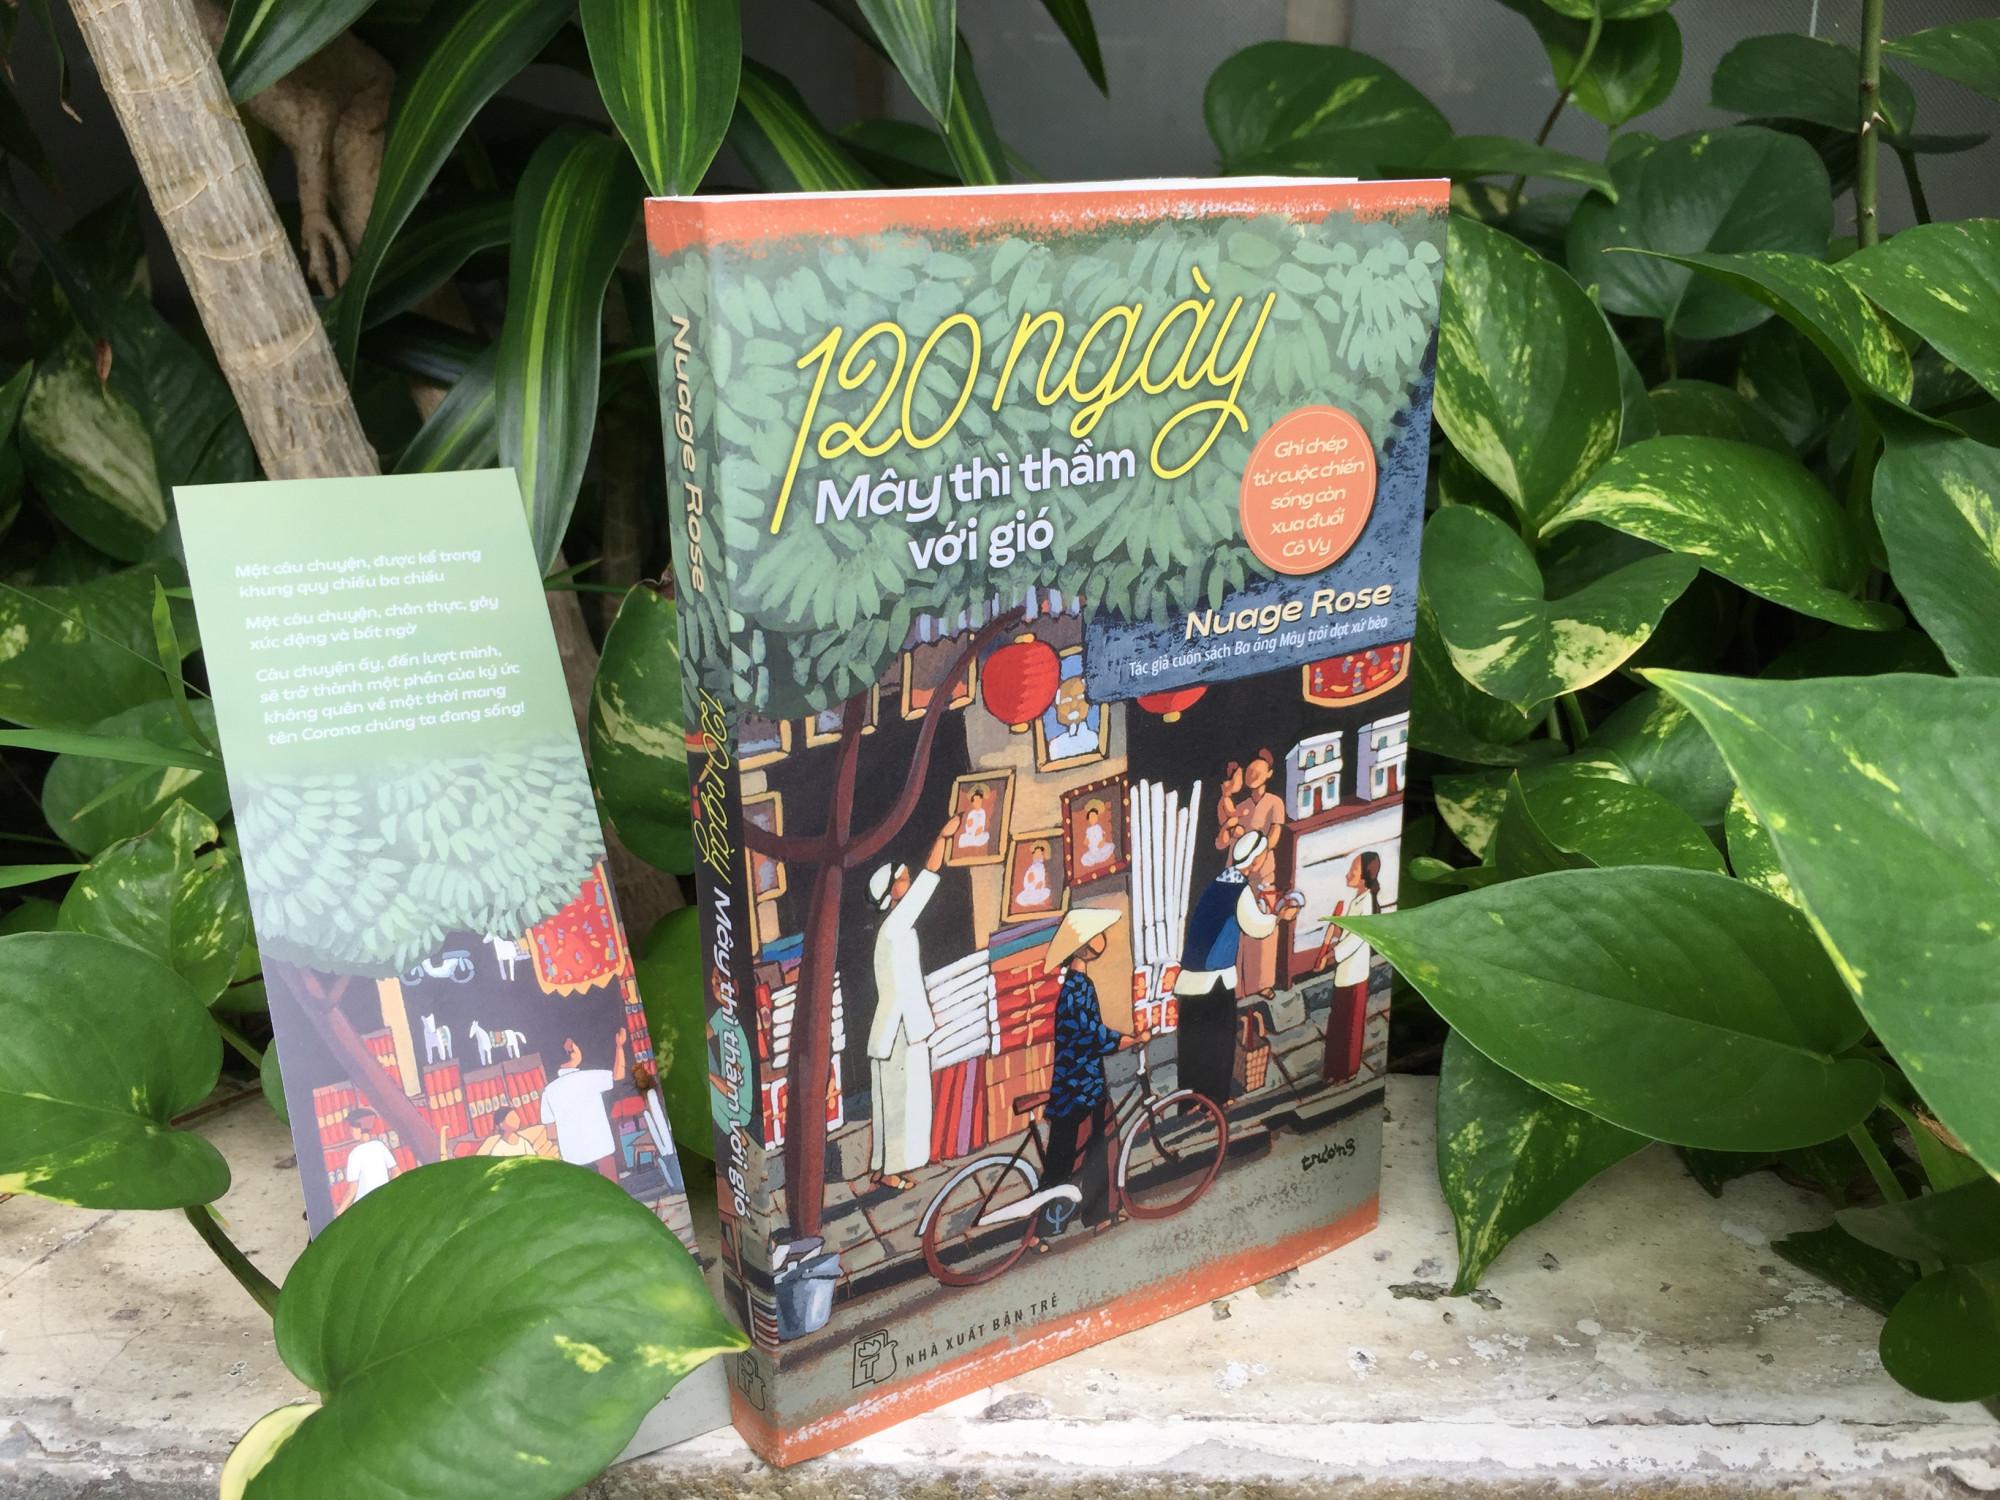 Tác phẩm vừa được nhà xuất bản Trẻ cho ra mắt